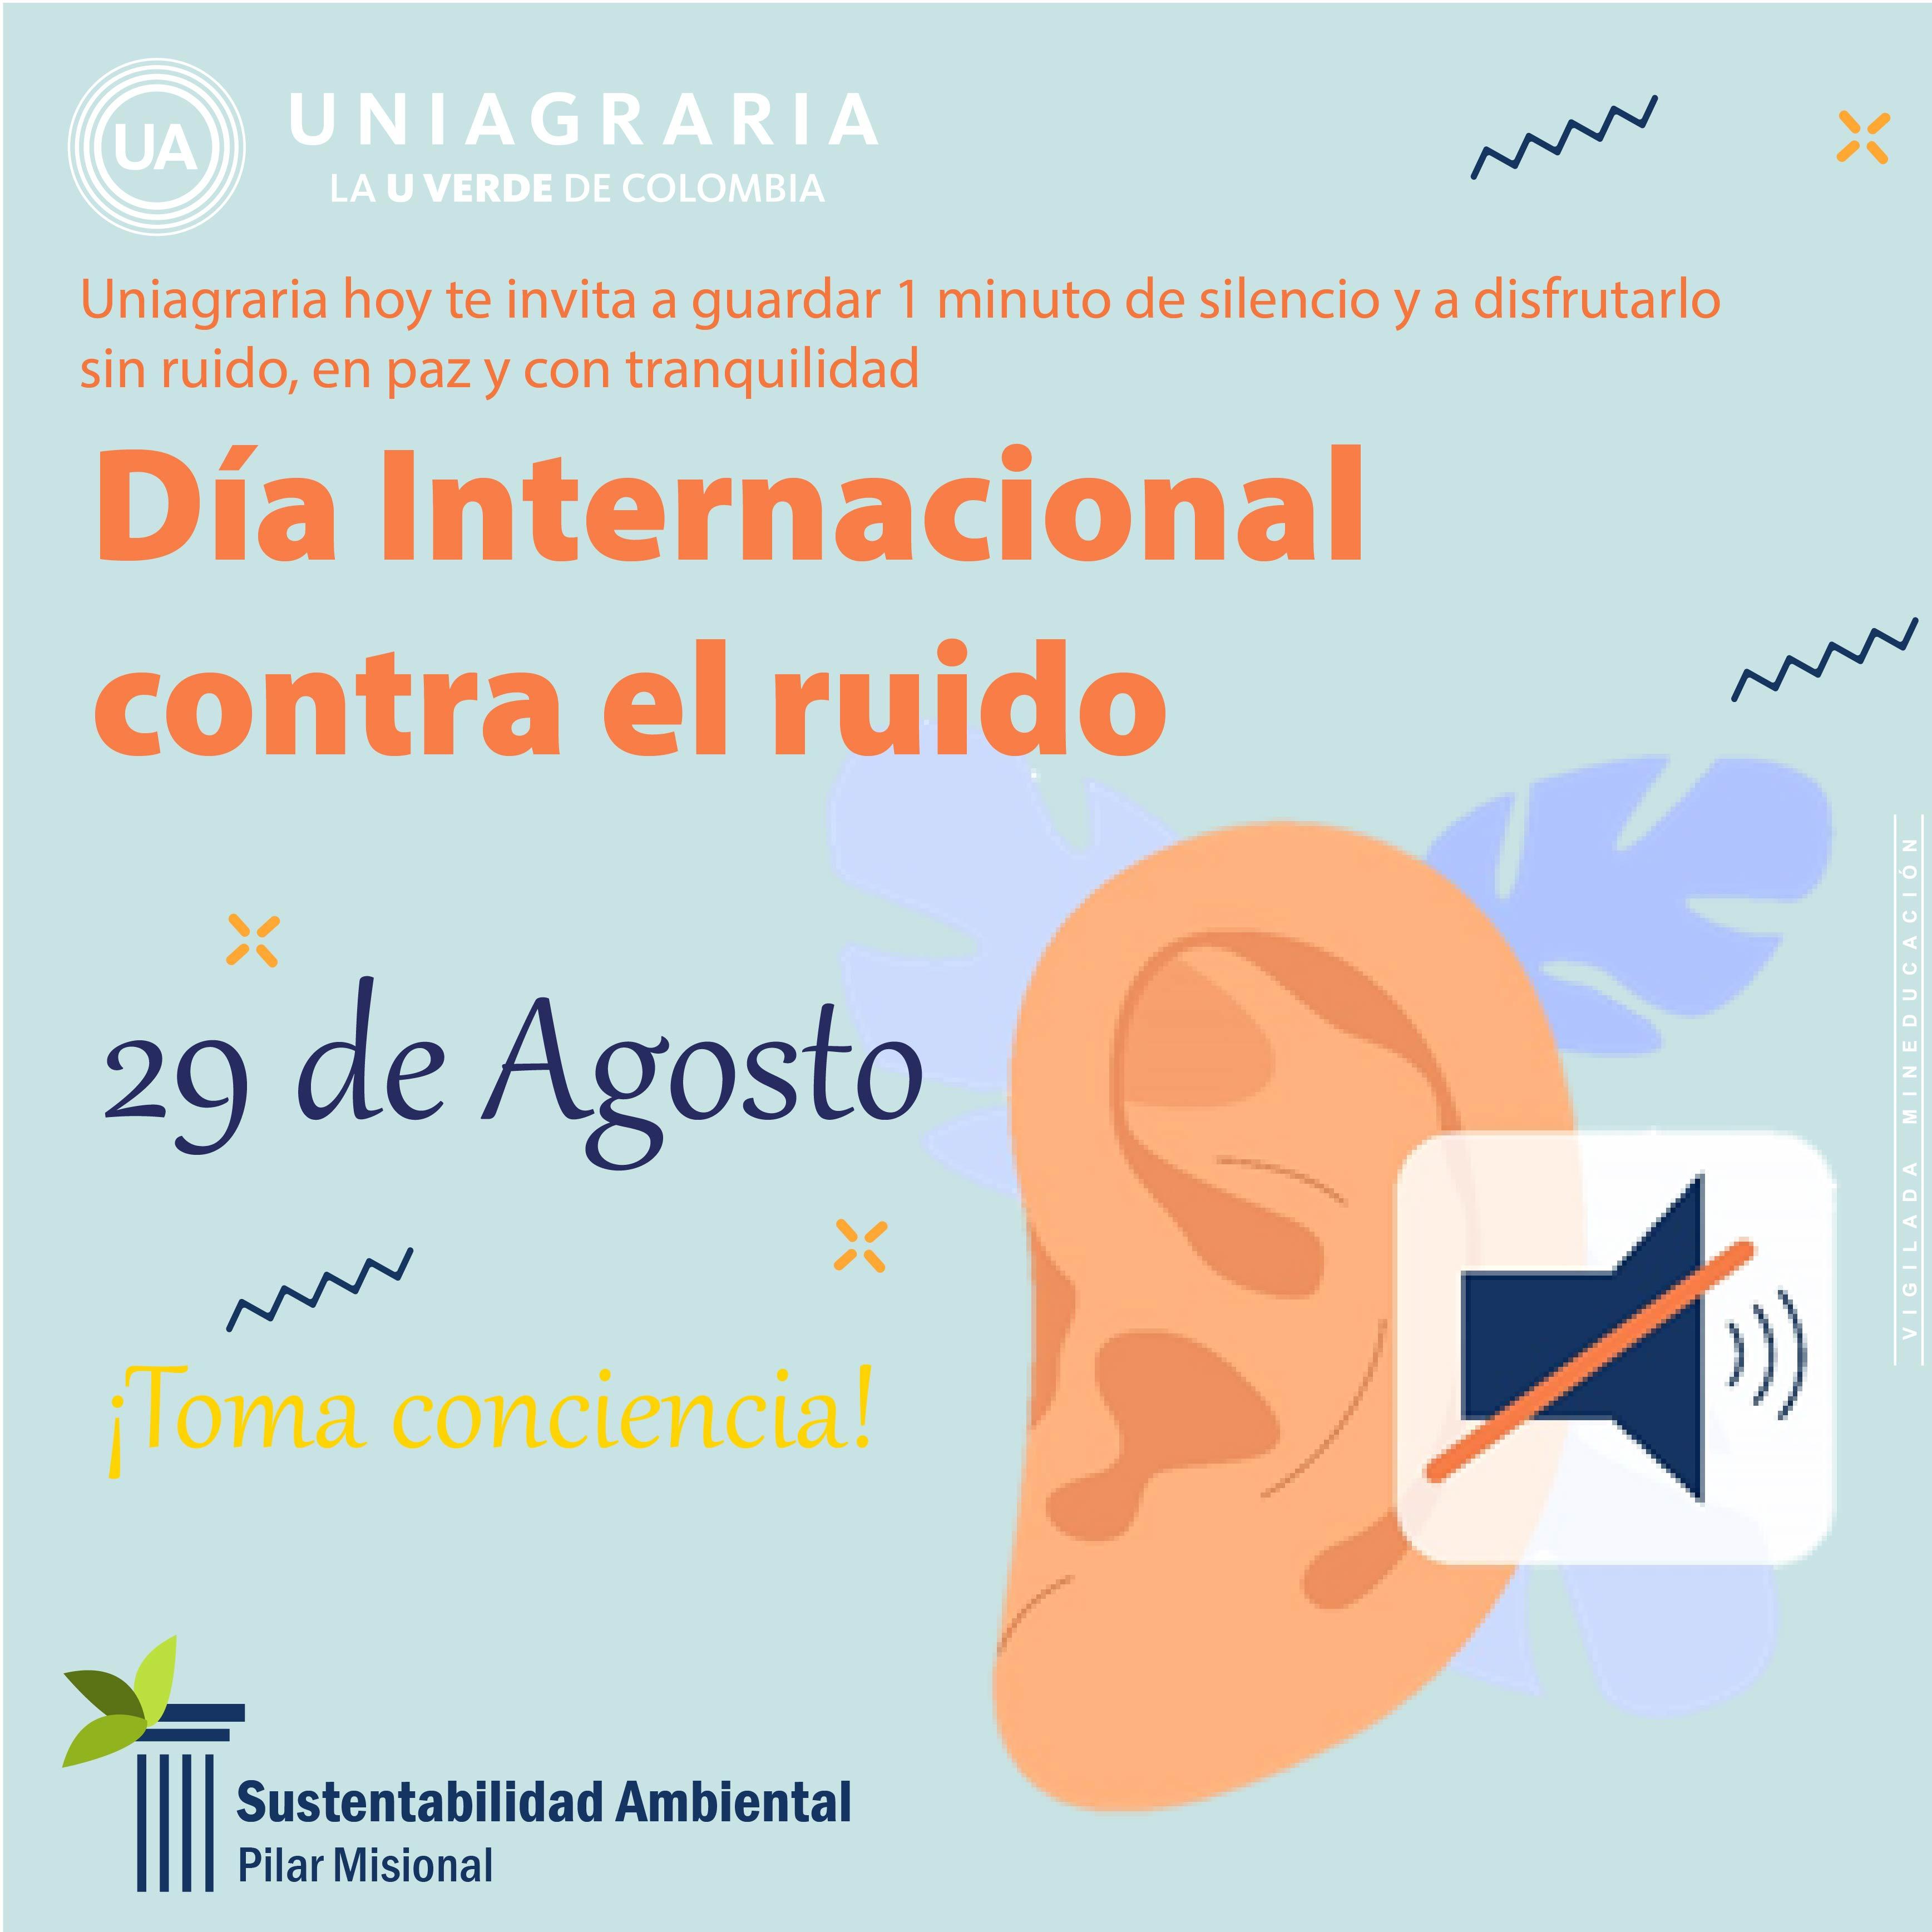 Día internacional contra el ruido